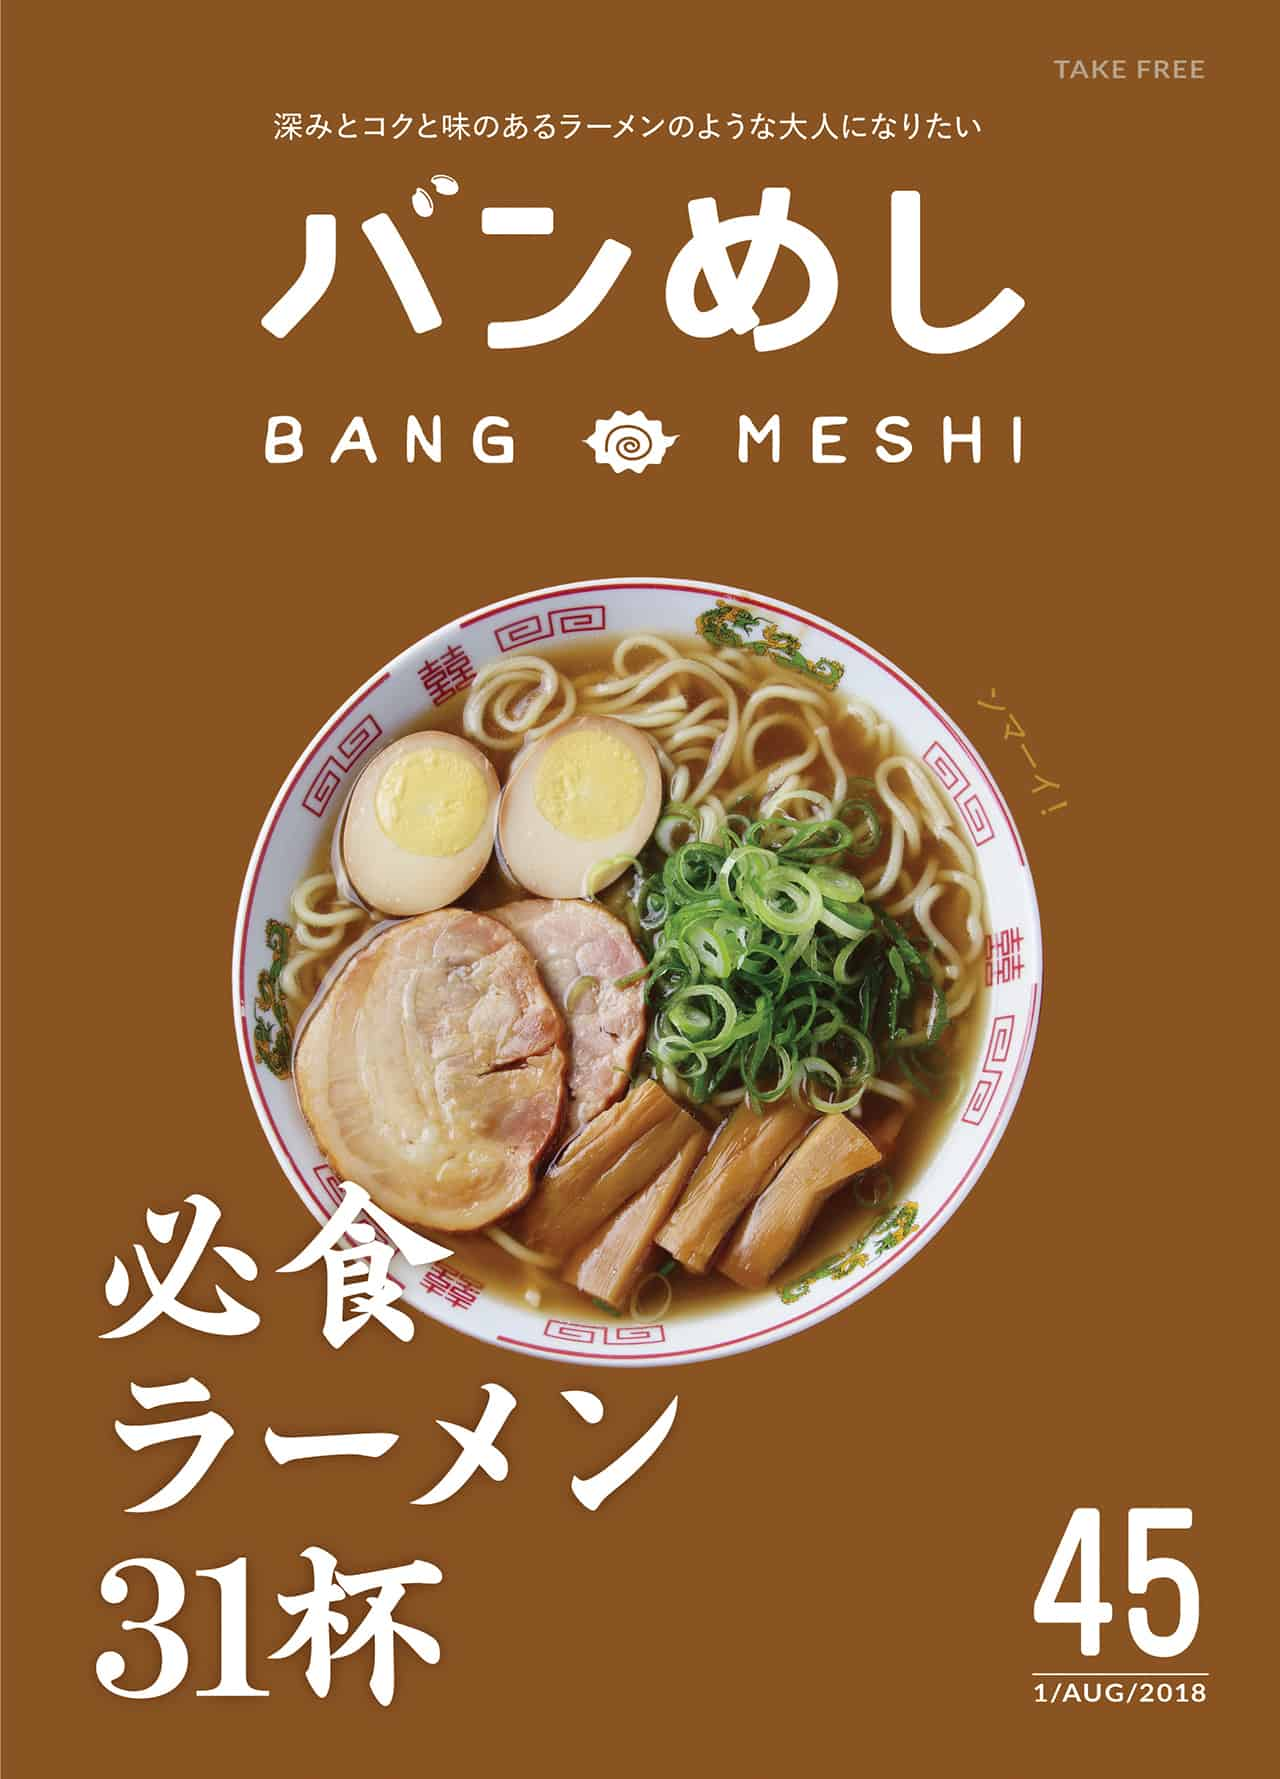 นิตยสารภาษาญี่ปุ่น Bangmeshi